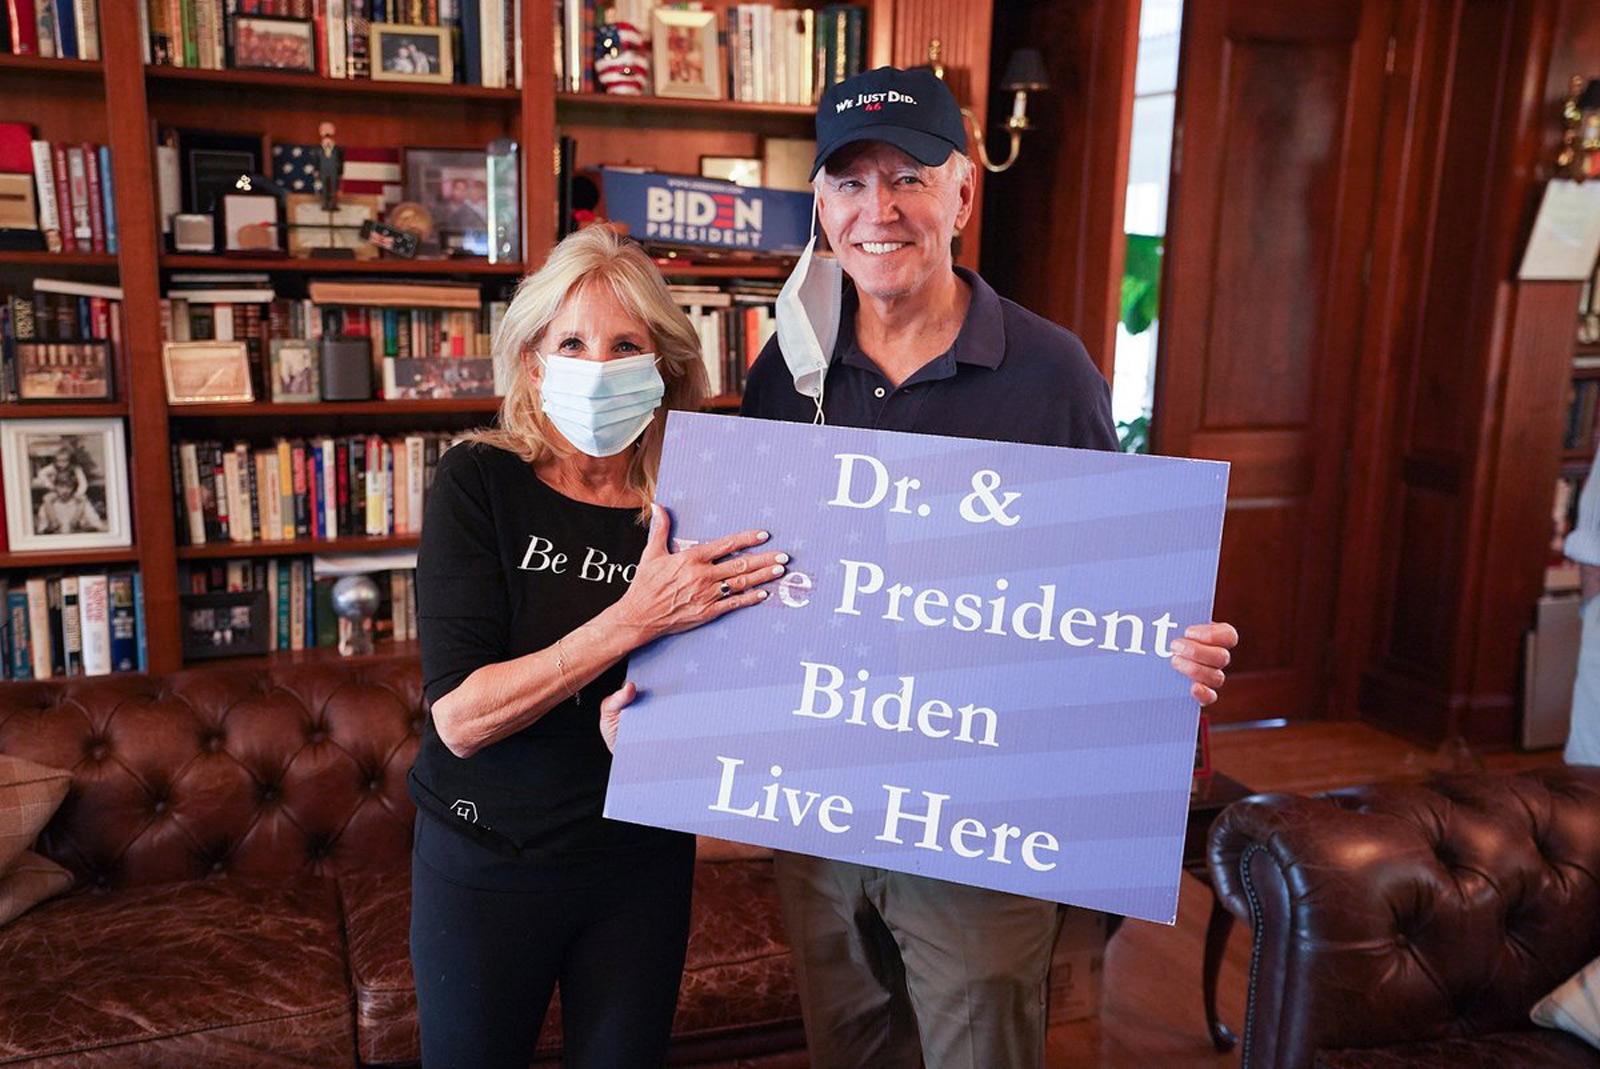 From Dr. Jill Biden/Twitter